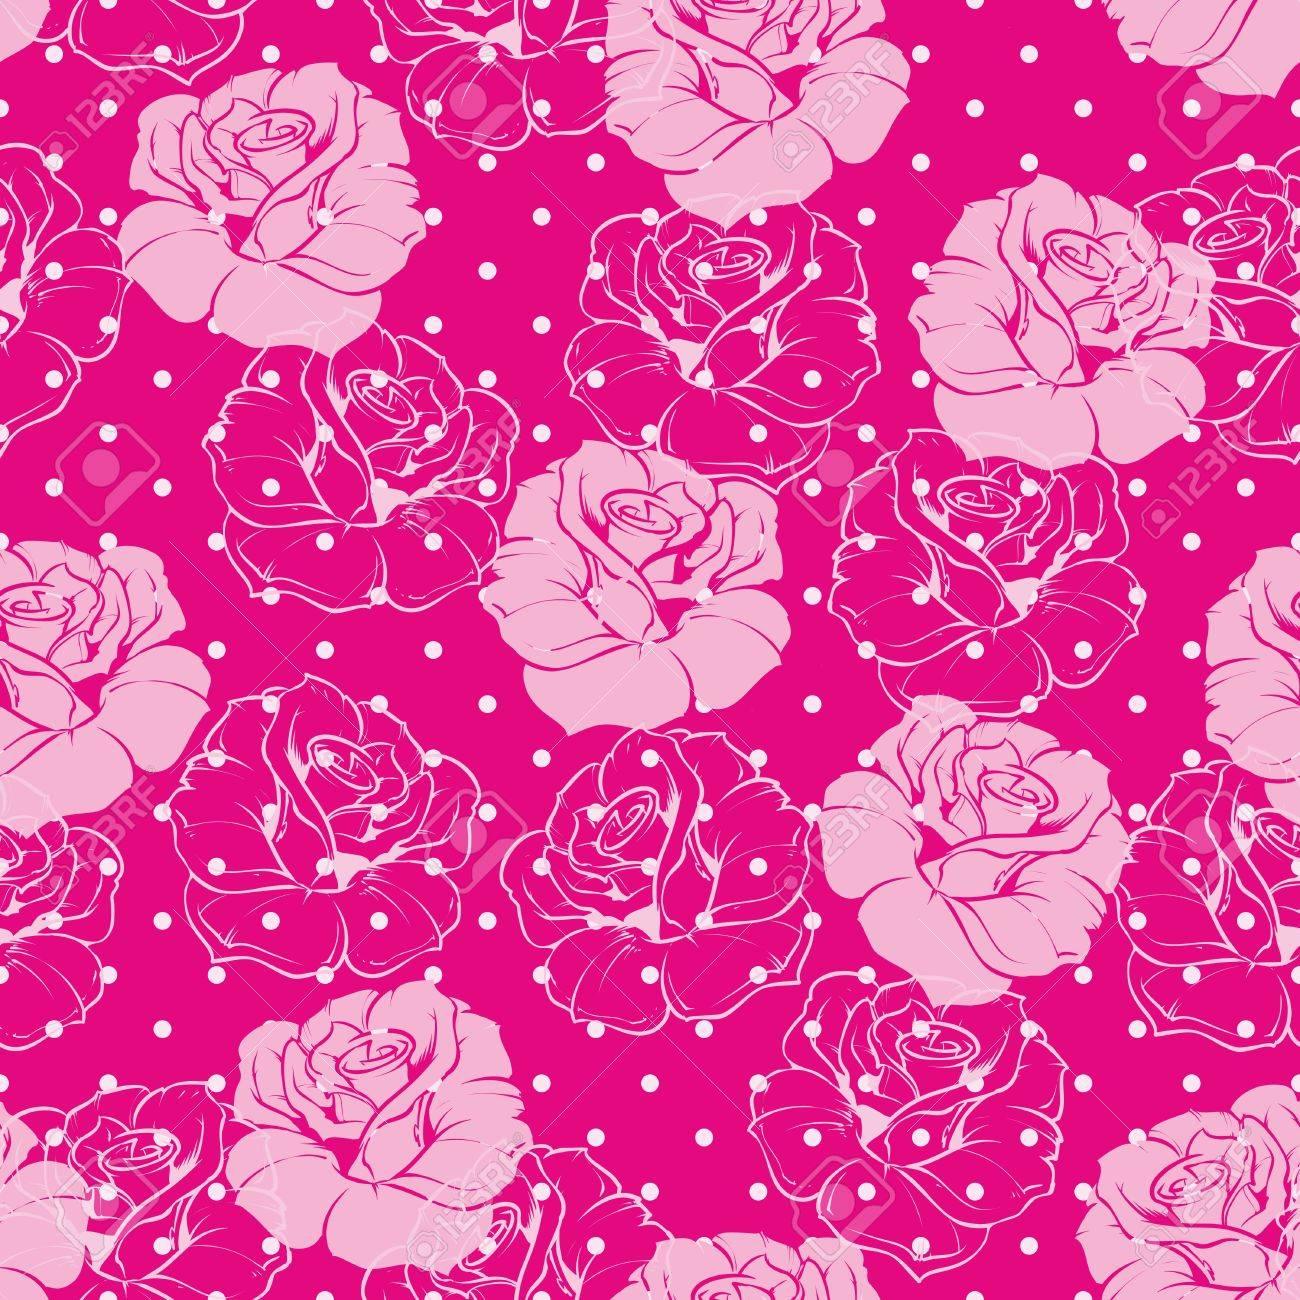 Patron Floral Transparente Con Azulejos De Color Rosa Y Rosas - Azulejos-rosas